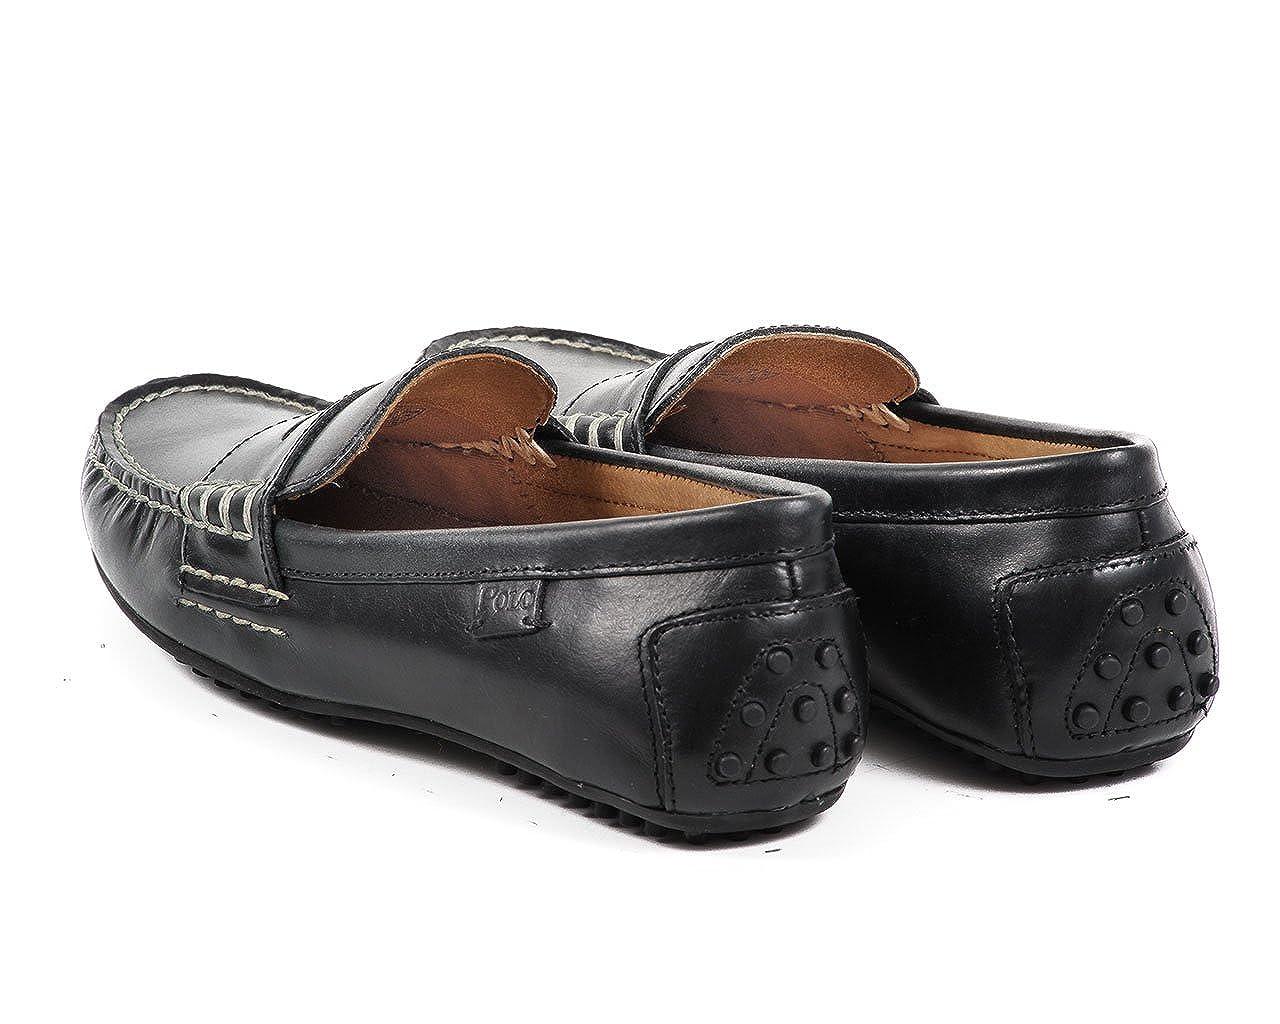 Polo Ralph Lauren - Mocasines negros suaves de hombre negro Size: 43: Amazon.es: Zapatos y complementos